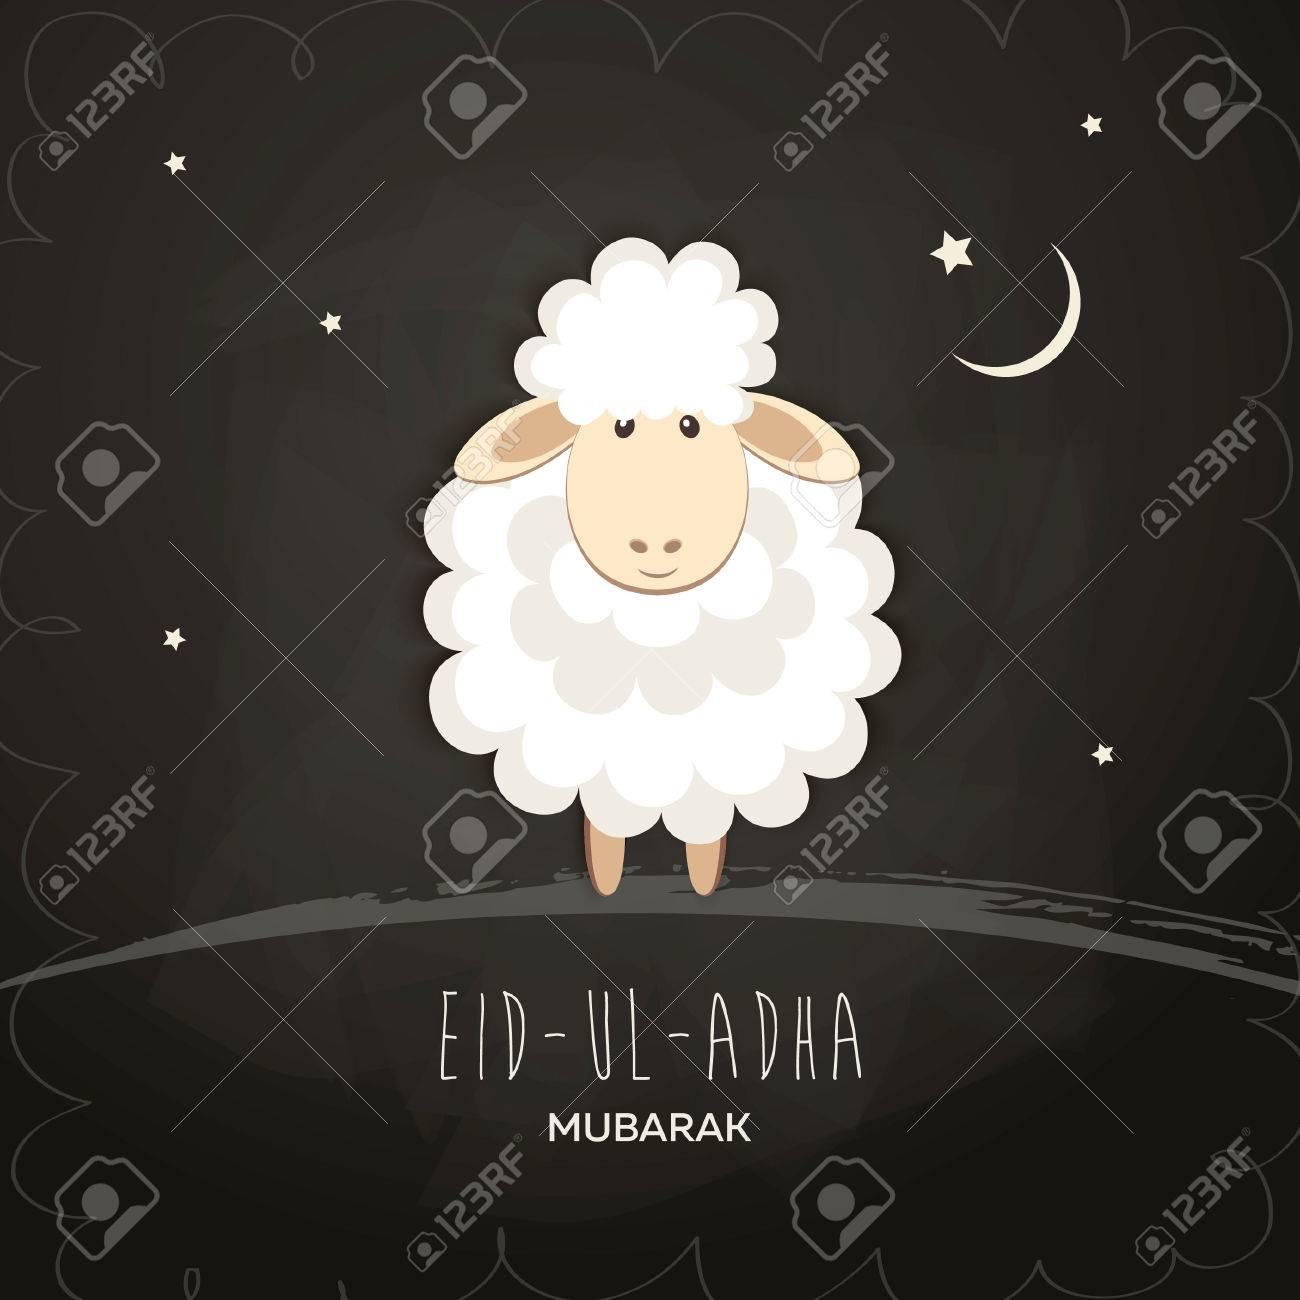 Greeting Card For Muslim Community Festival Of Sacrifice Eid Ul Adha